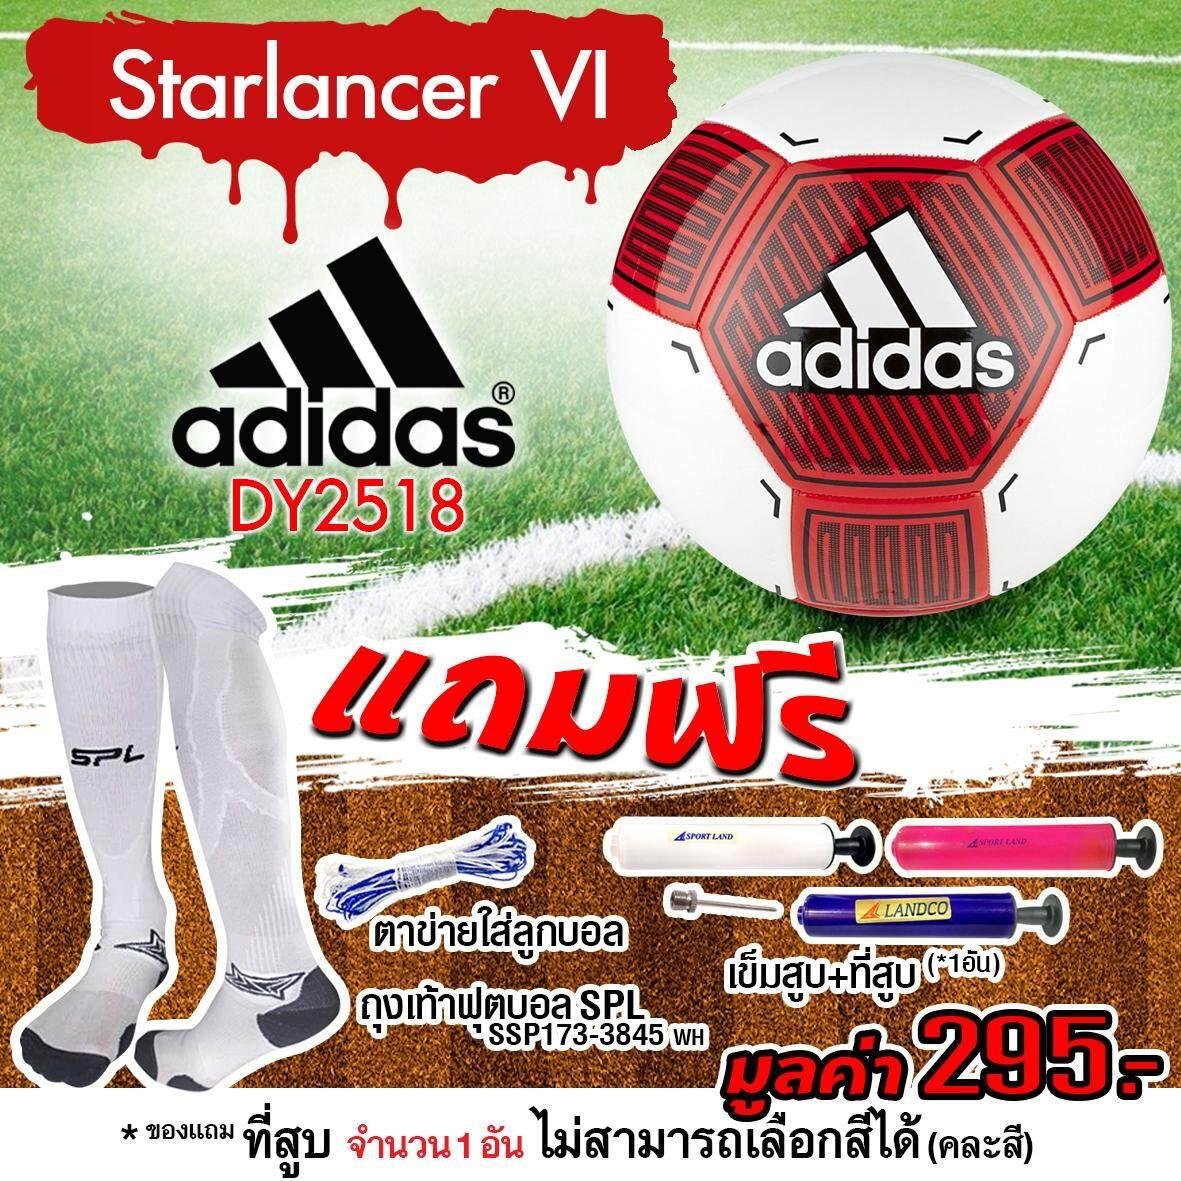 ยี่ห้อนี้ดีไหม  ยะลา Adidas ฟุตบอลหนัง อาดิดาส Football Starlancer VI DY2518(500) แถมฟรี ตาข่ายใส่ลูกฟุตบอล + เข็มสูบสูบลม + สูบมือ SPL รุ่น SL6 + ถุงเท้าฟุตบอล Striker 17.3 WH